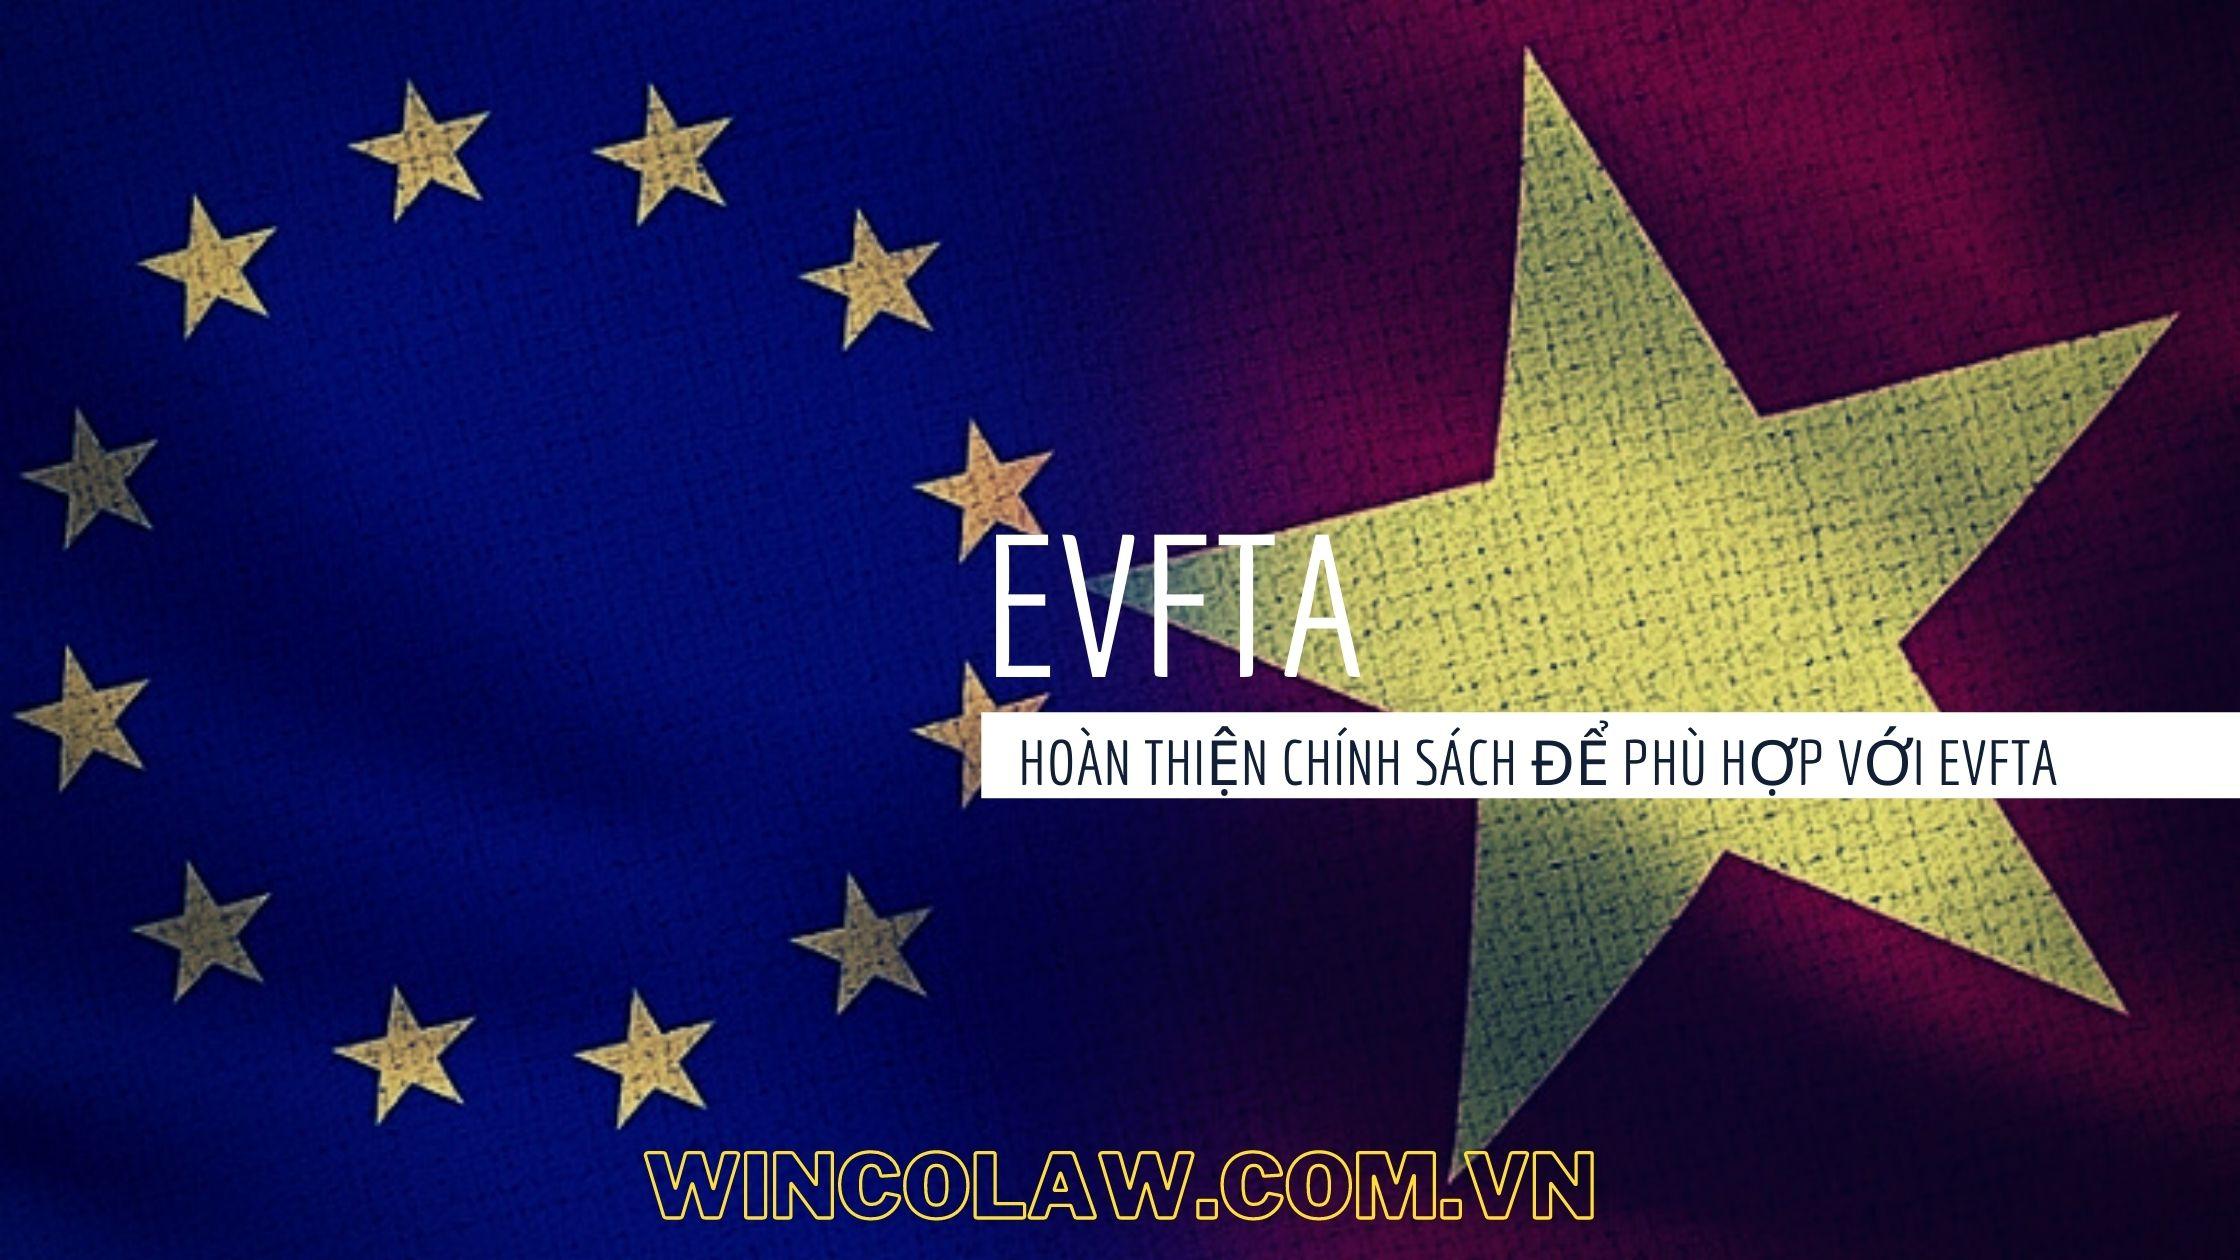 Hoàn thiện chính sách để phù hợp với EVFTA